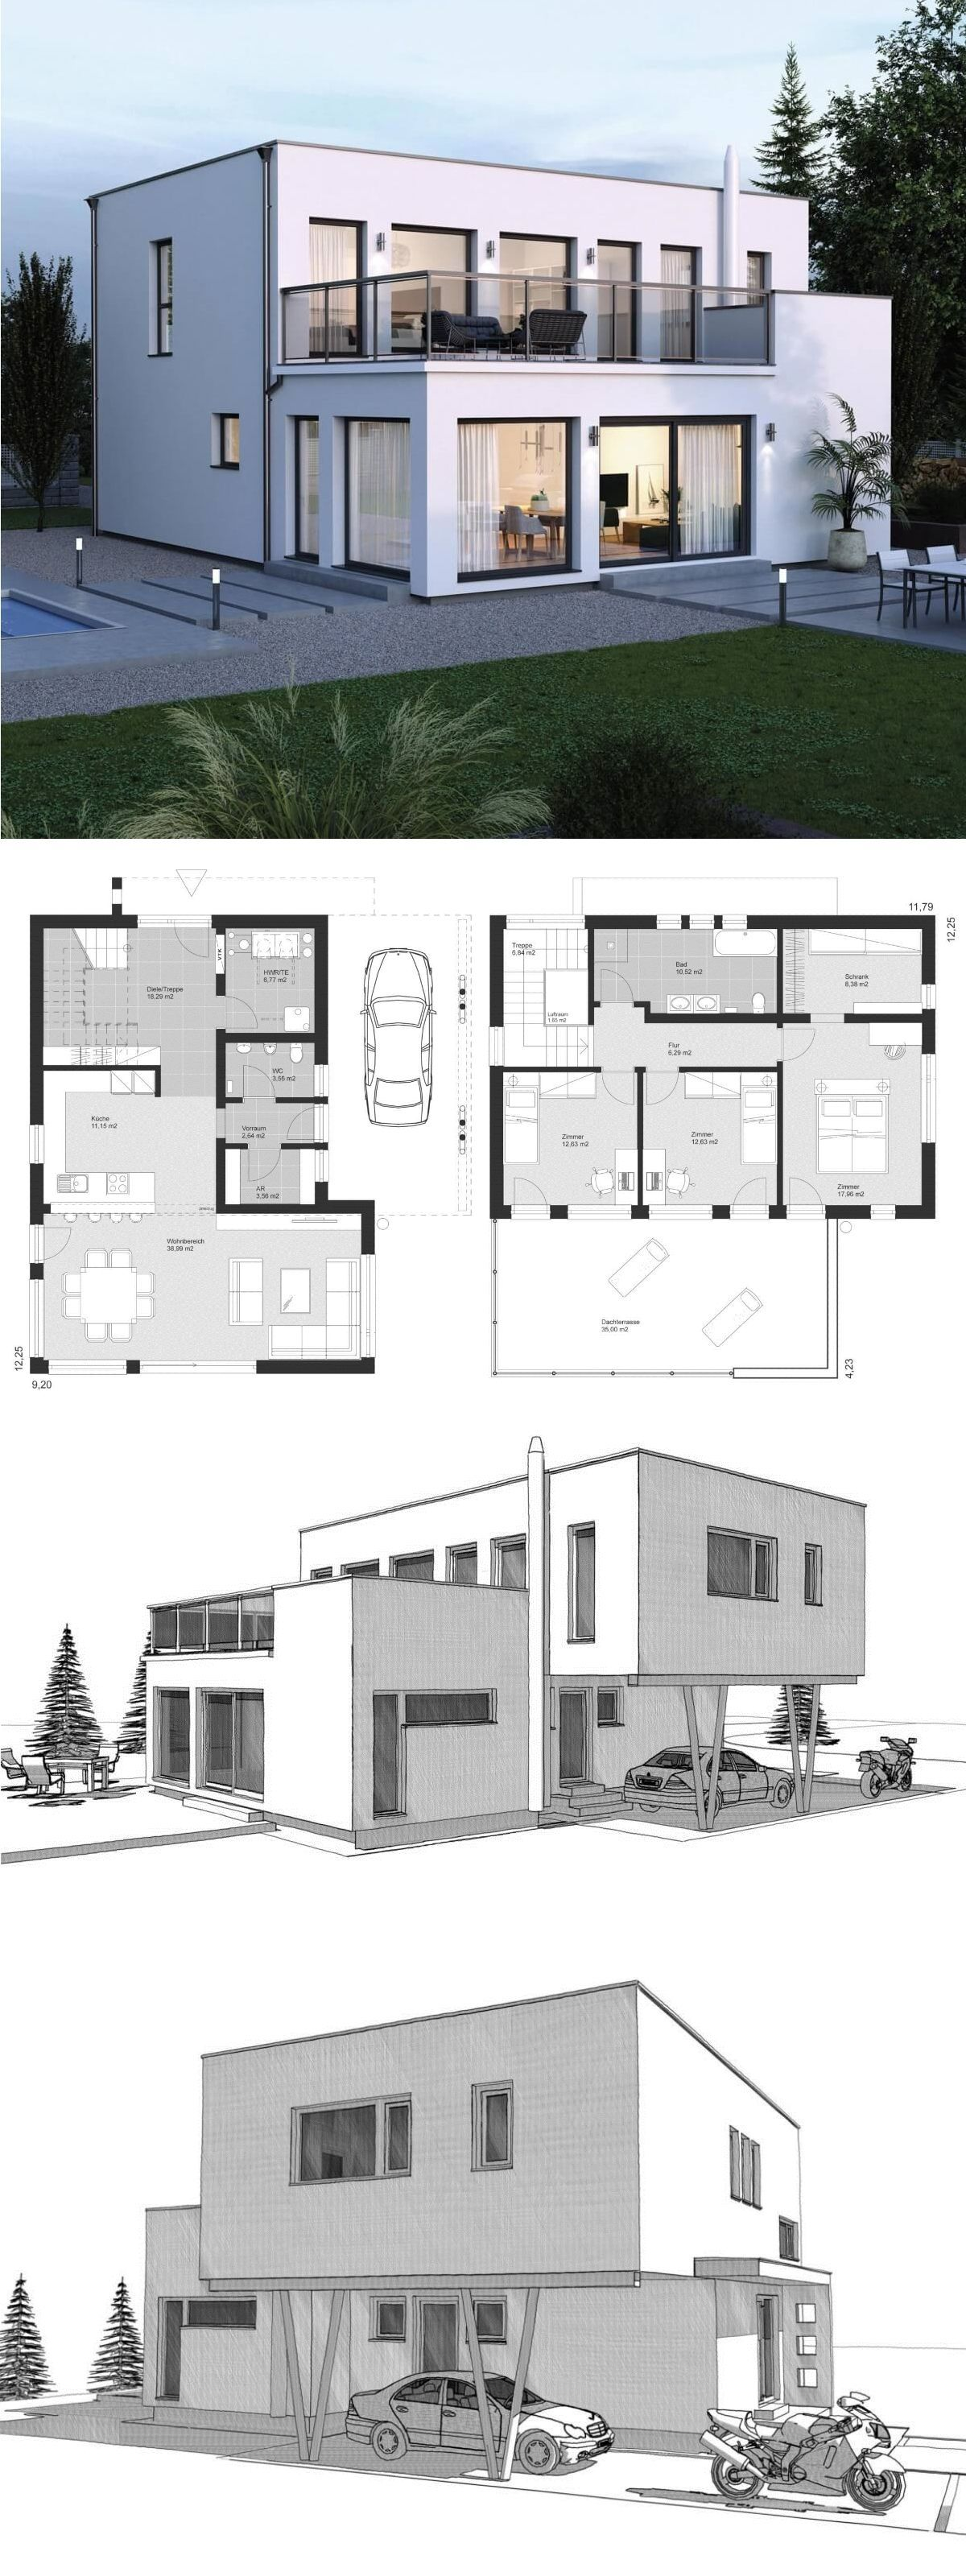 Moderne Bauhaus Stadtvilla Grundriss Mit Flachdach Architektur